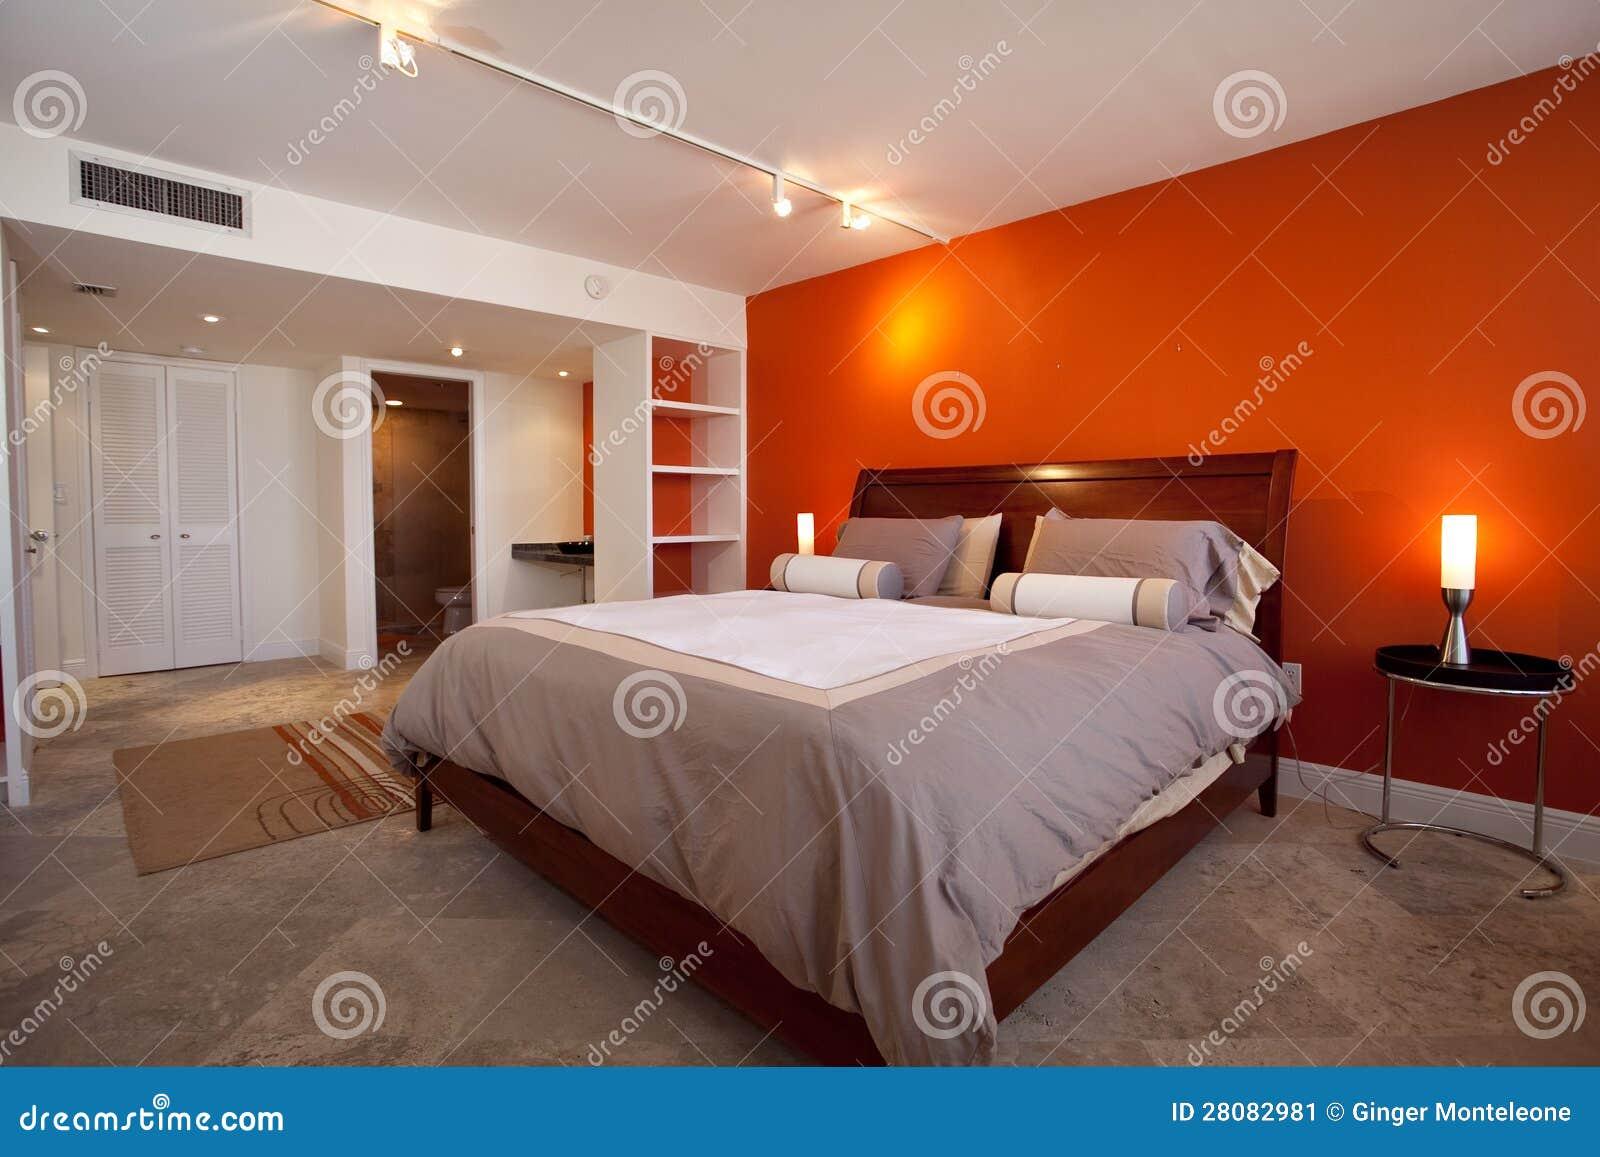 Camera da letto con la parete arancio immagine stock - Colore parete camera da letto ...